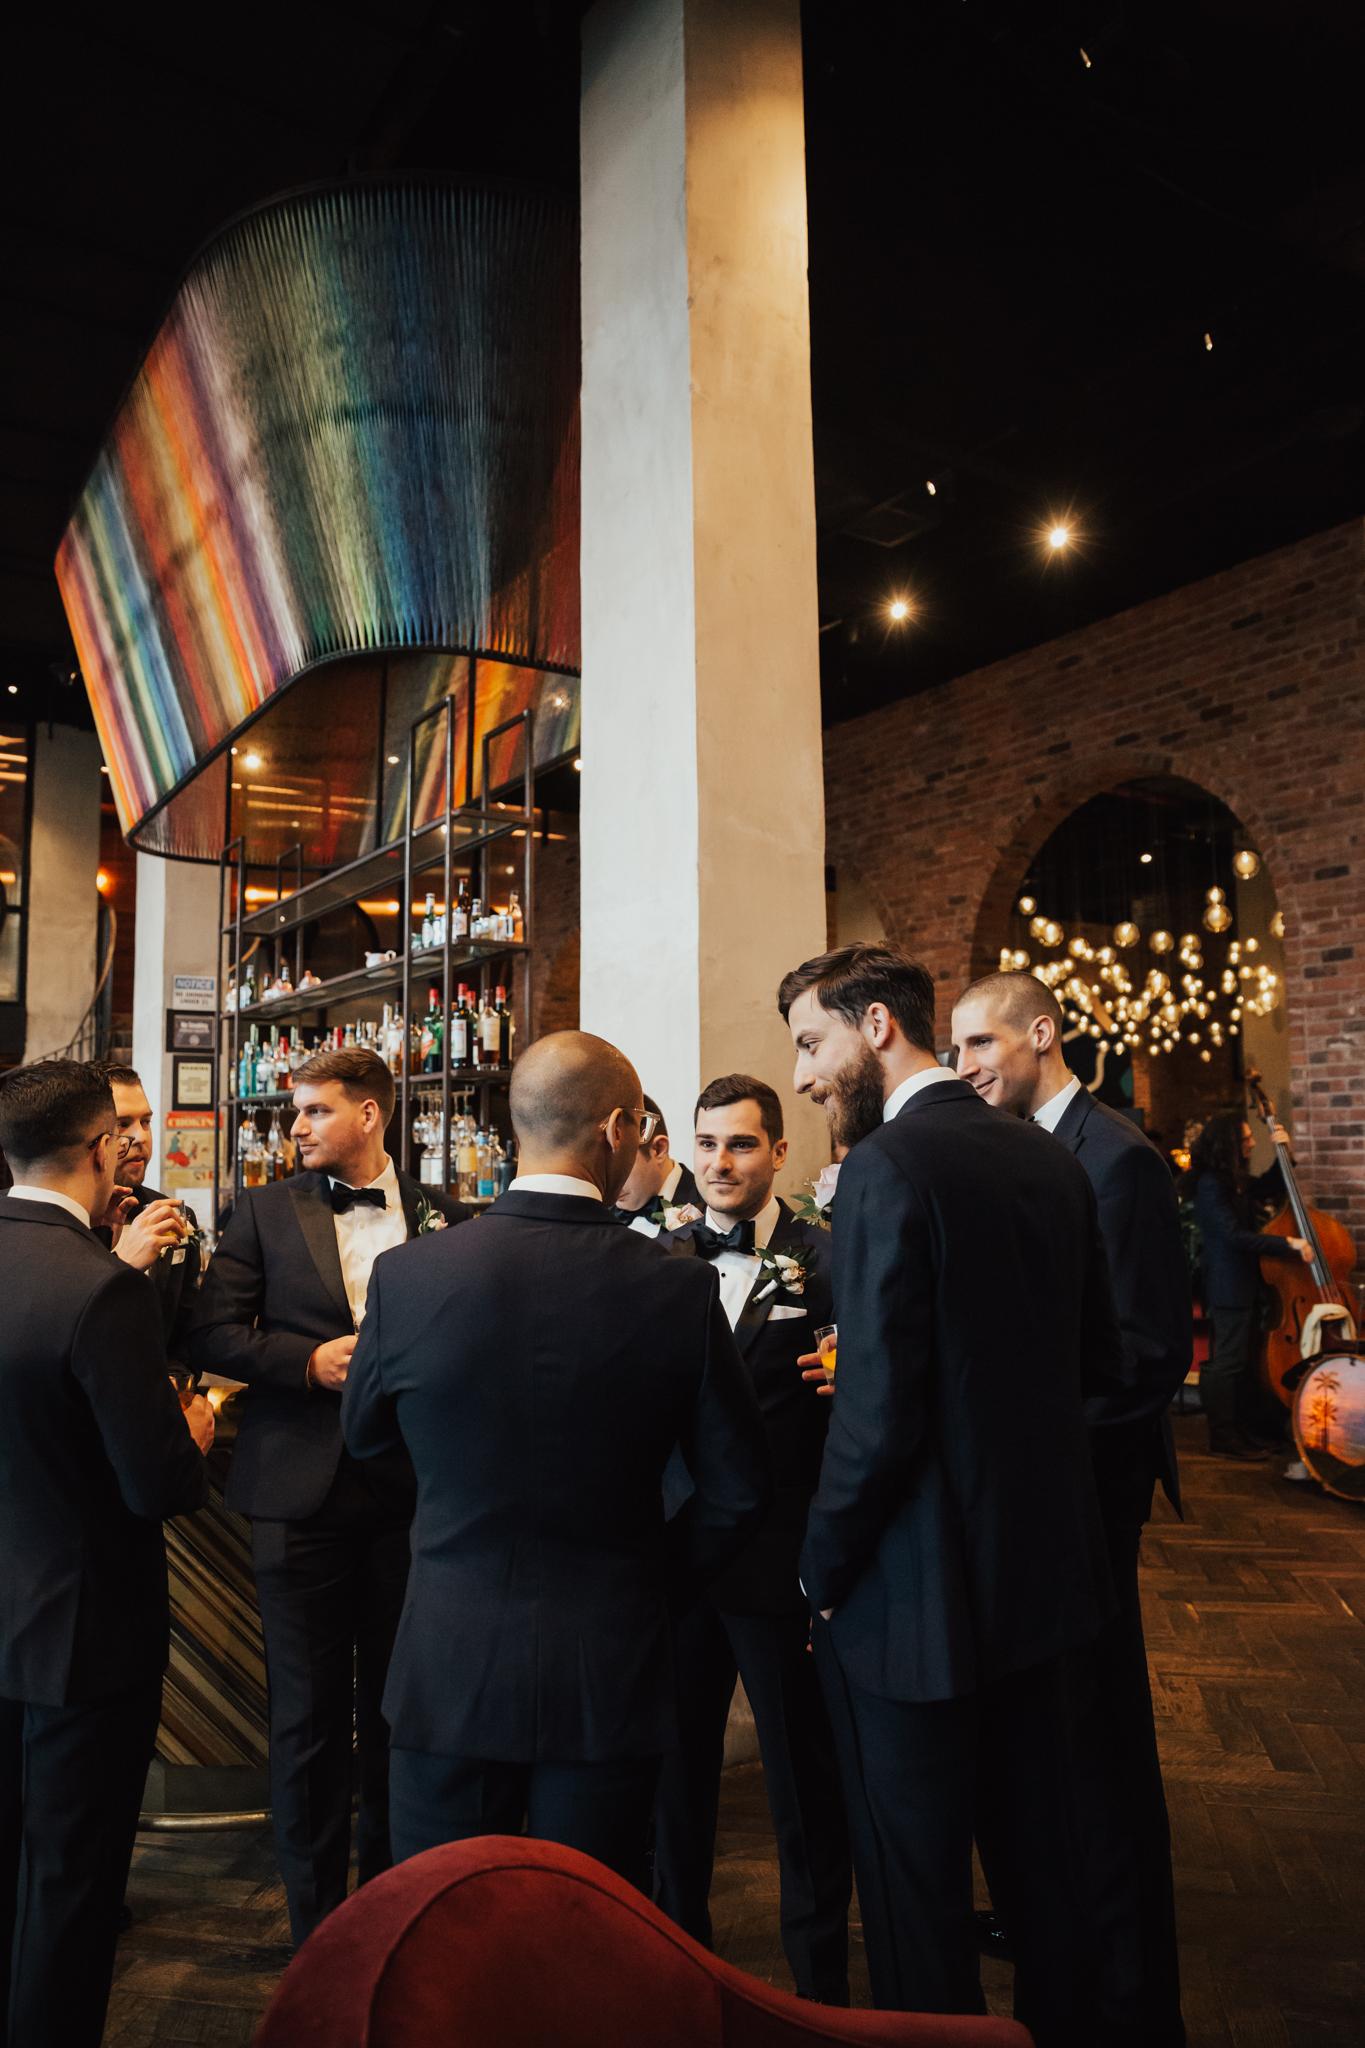 brooklyn_winery_wedding-33.jpg